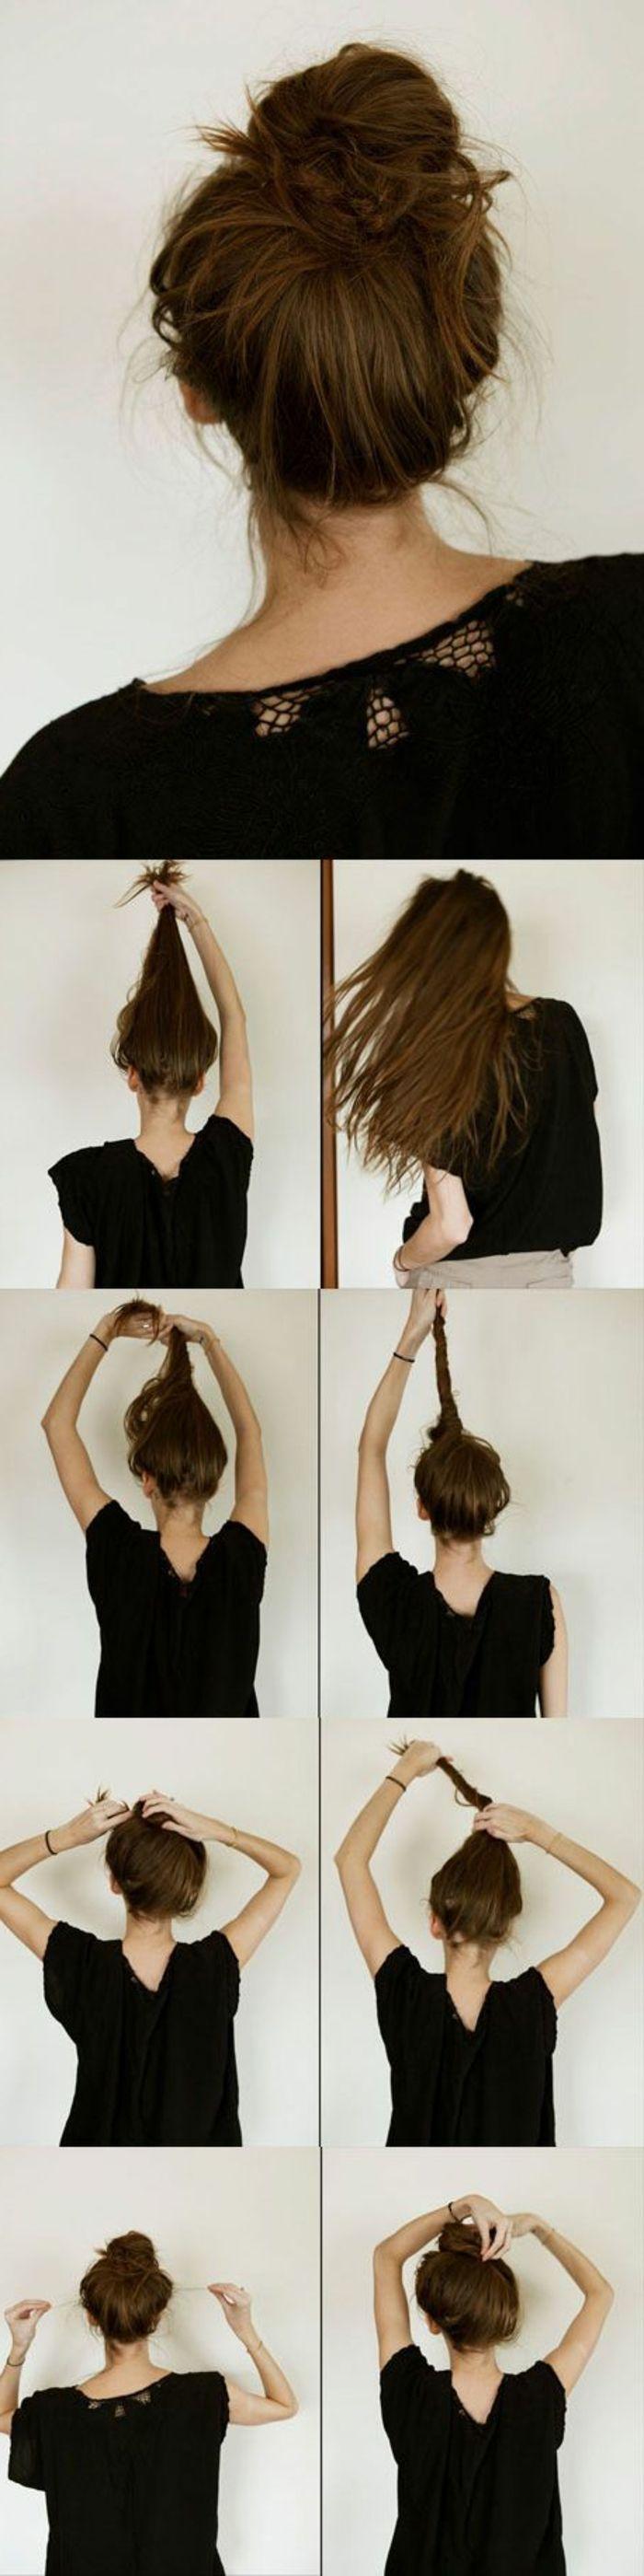 chignon-facile-a-faire-chignon-fixé-en-haut-de-la-tête-cheveux-longs